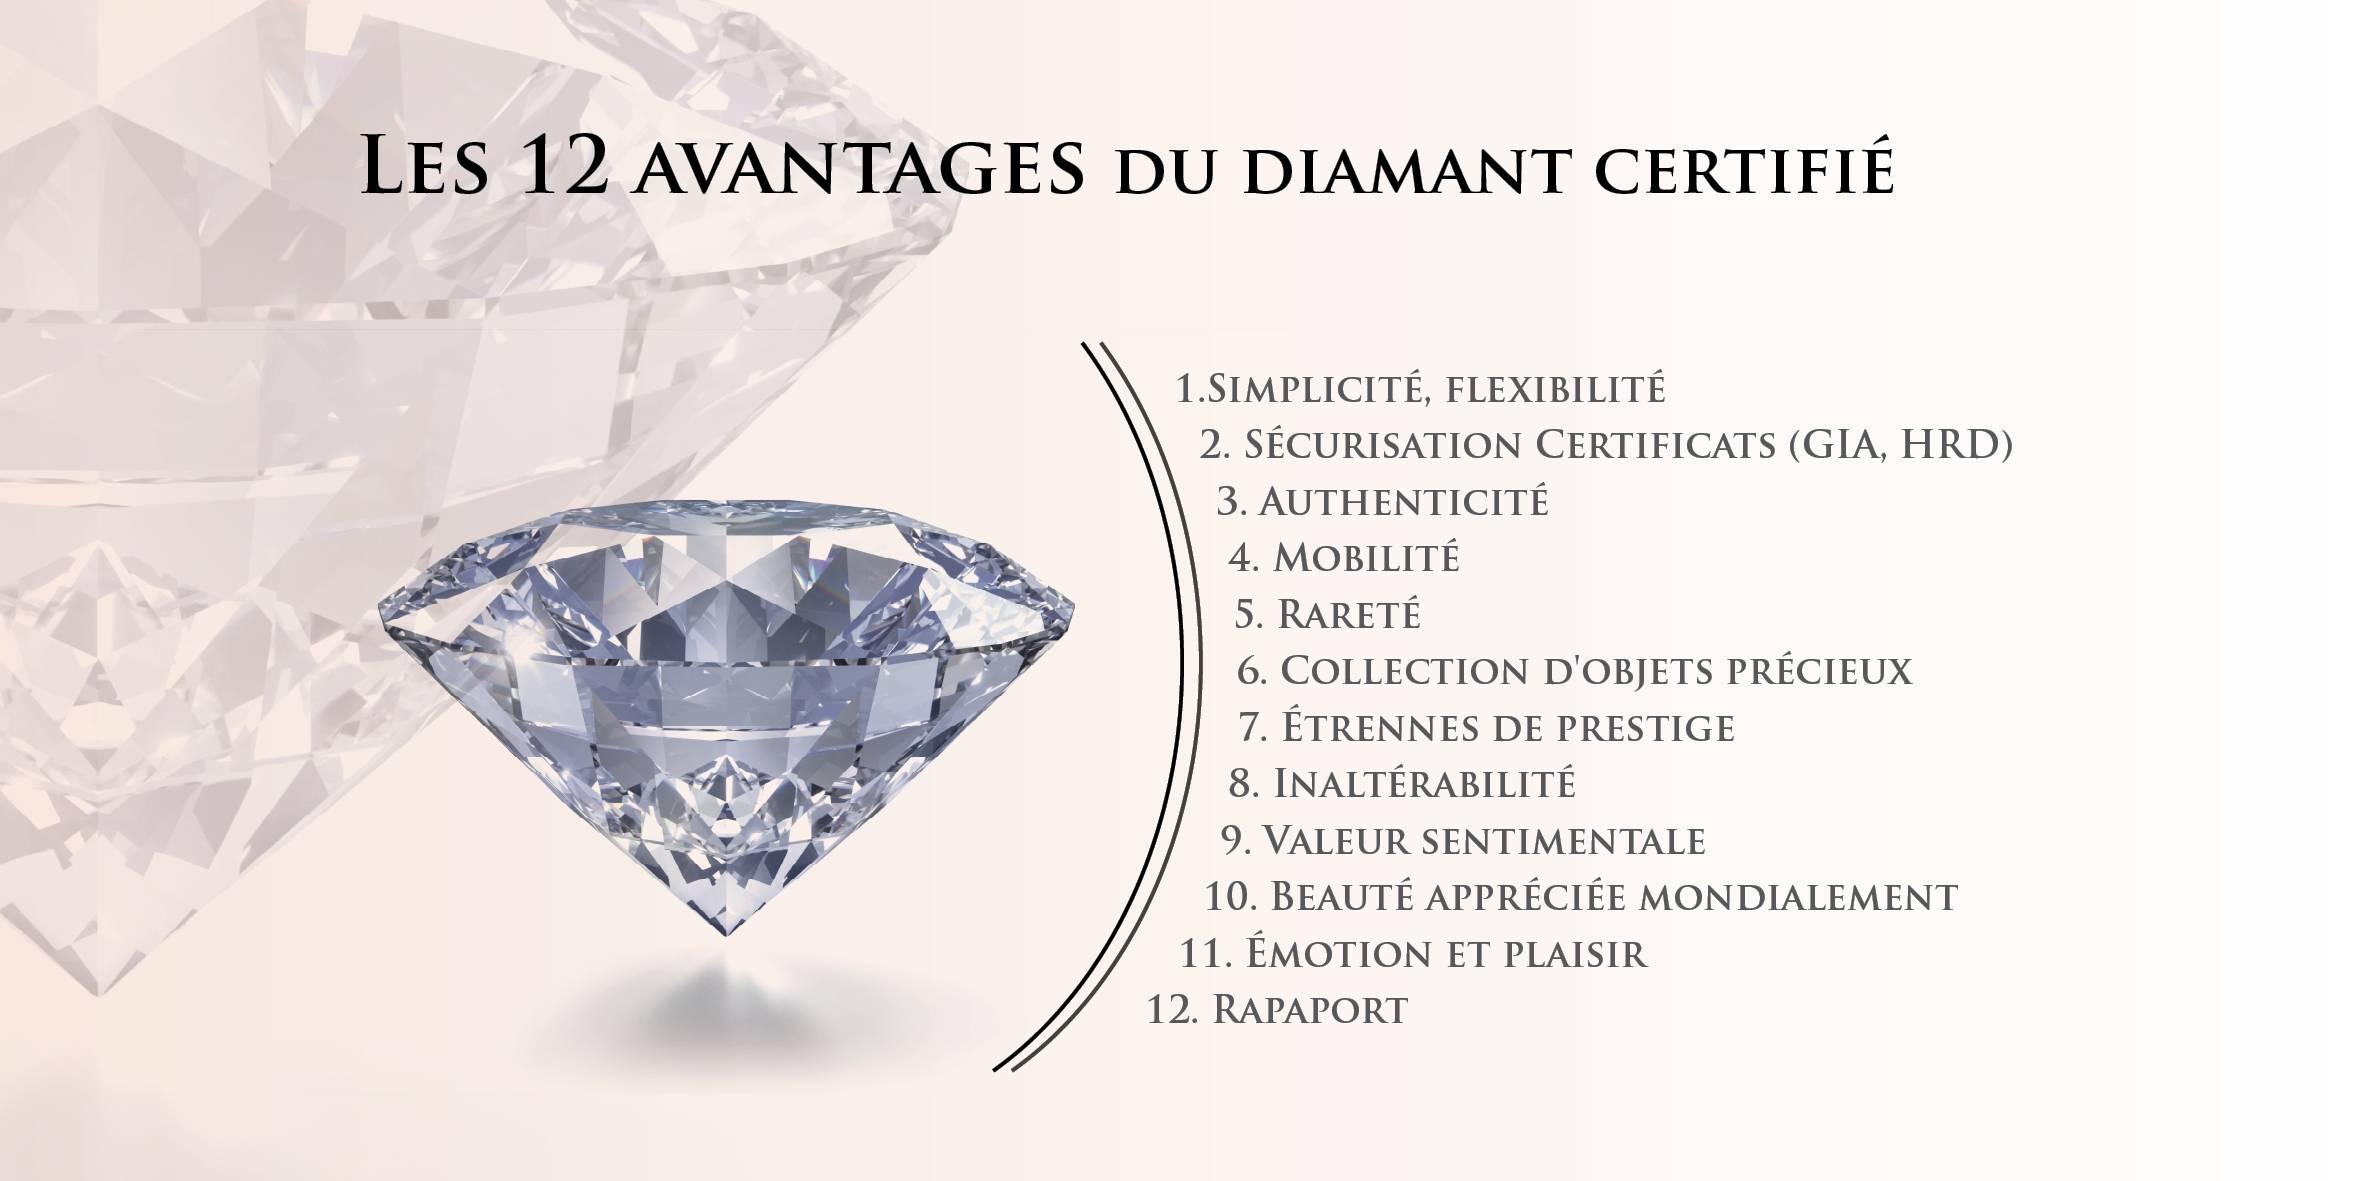 les avantages du diamant certifié